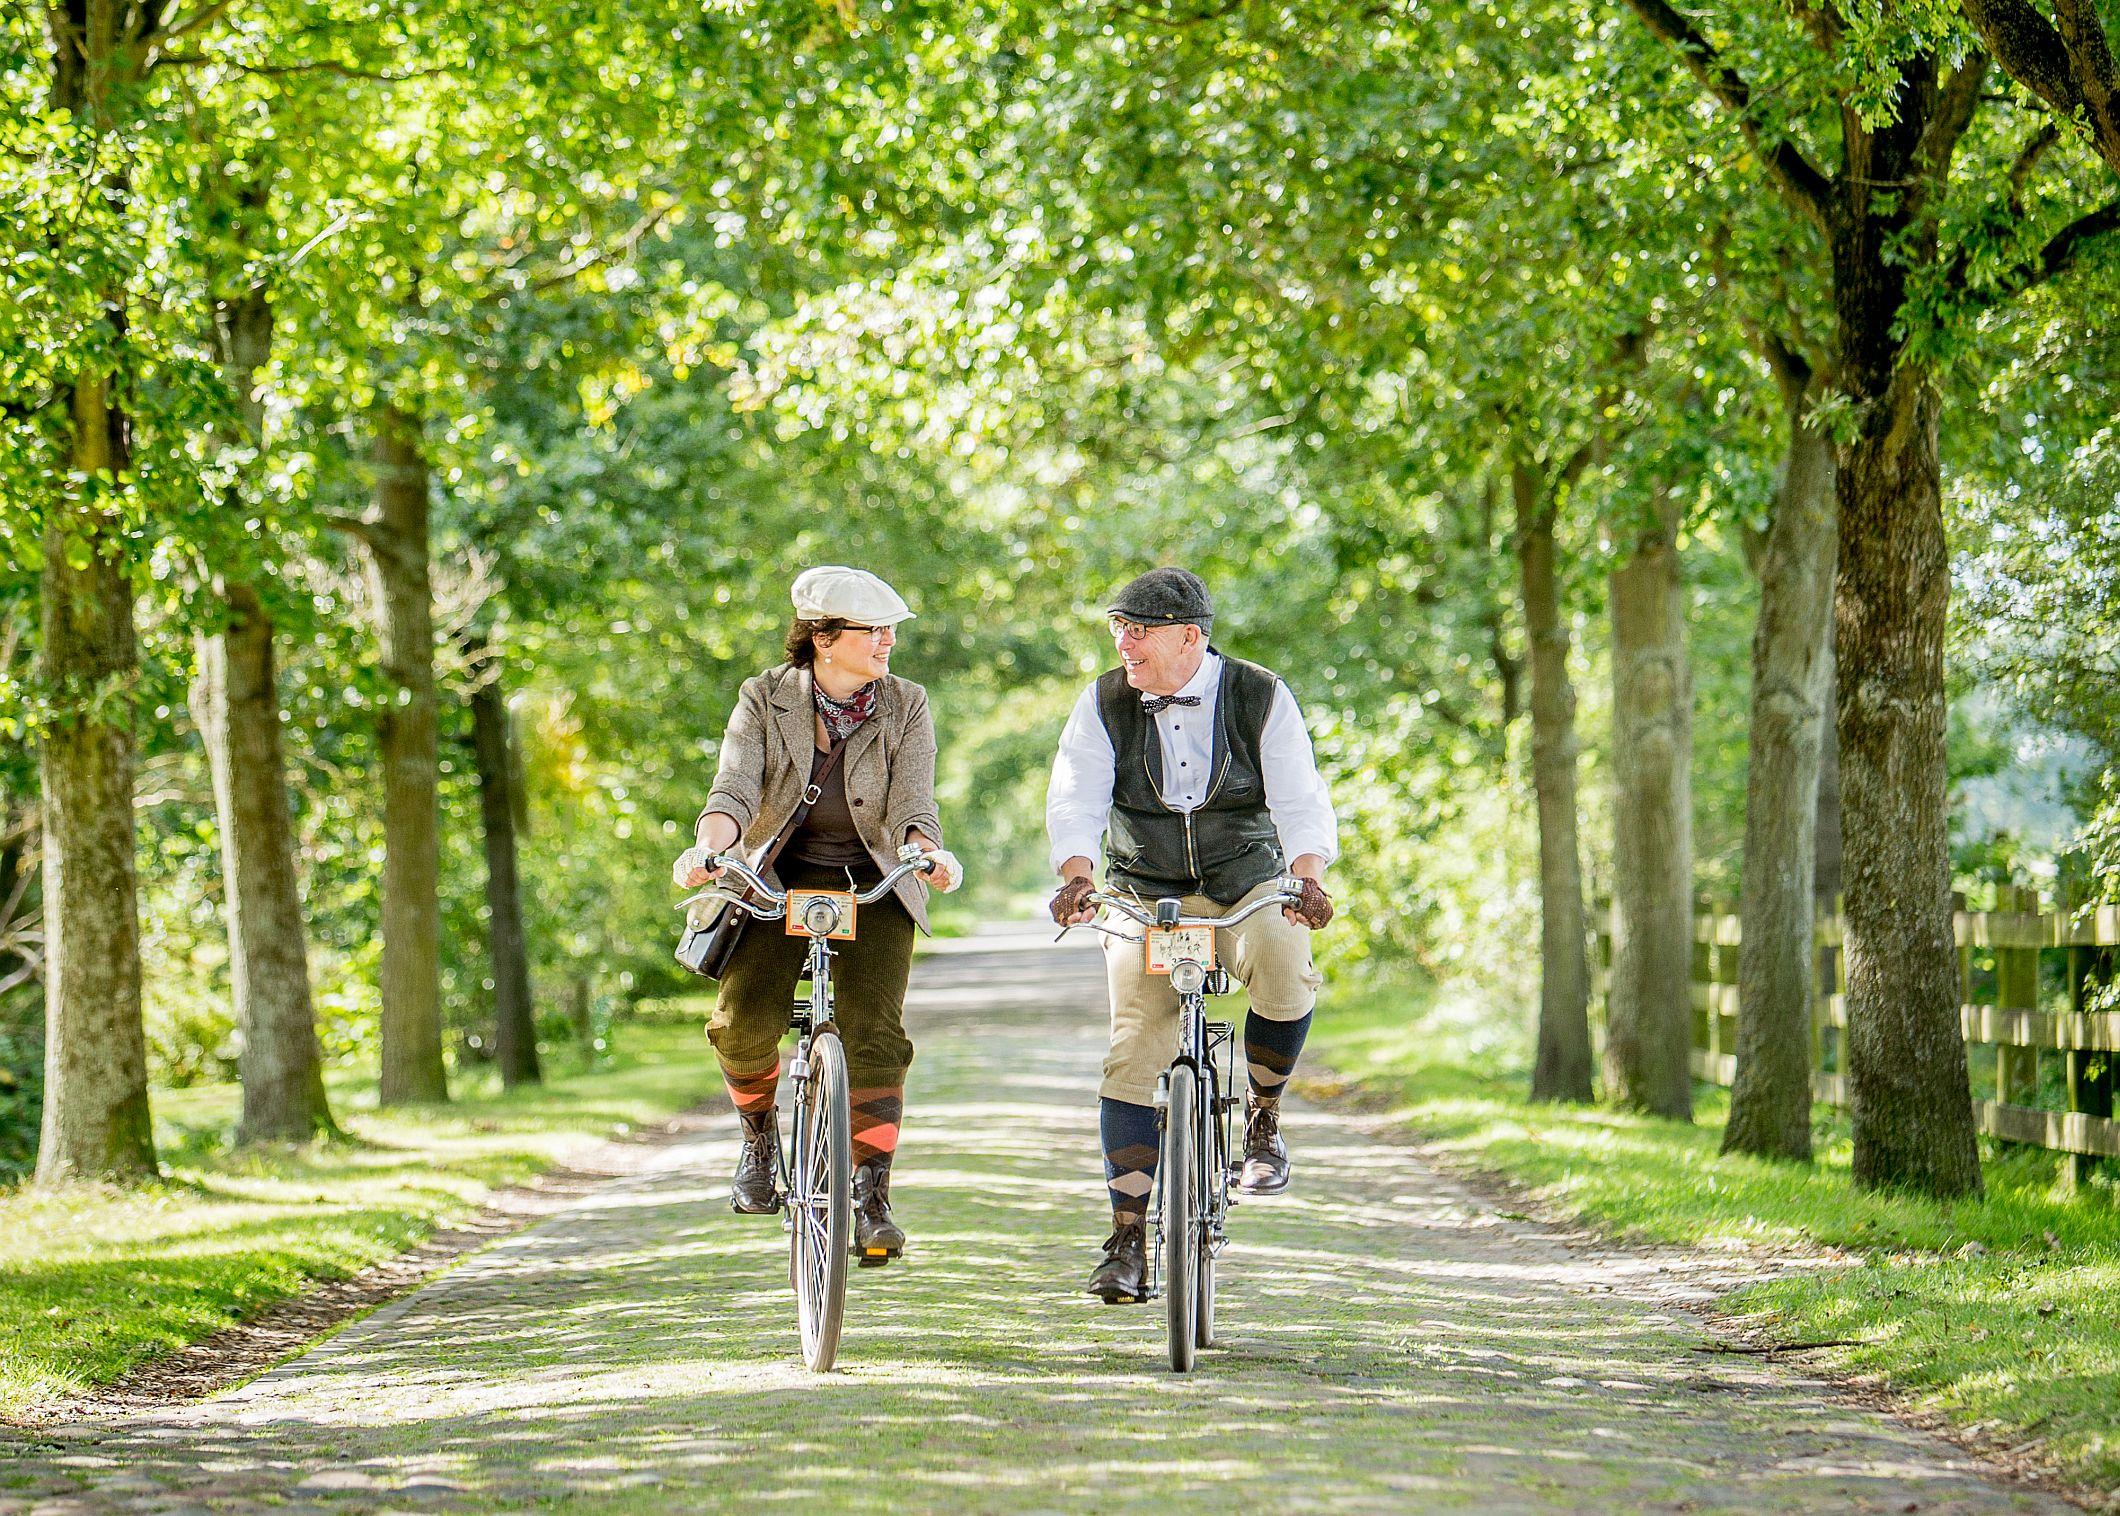 Niektórzy uczestnicy Velo Classico zakładają na tę okazję dawne stroje rowerowe: tweedową marynarkę, zegarek kieszonkowy i kaszkiet (fot. Krauss, Susanne TMV)